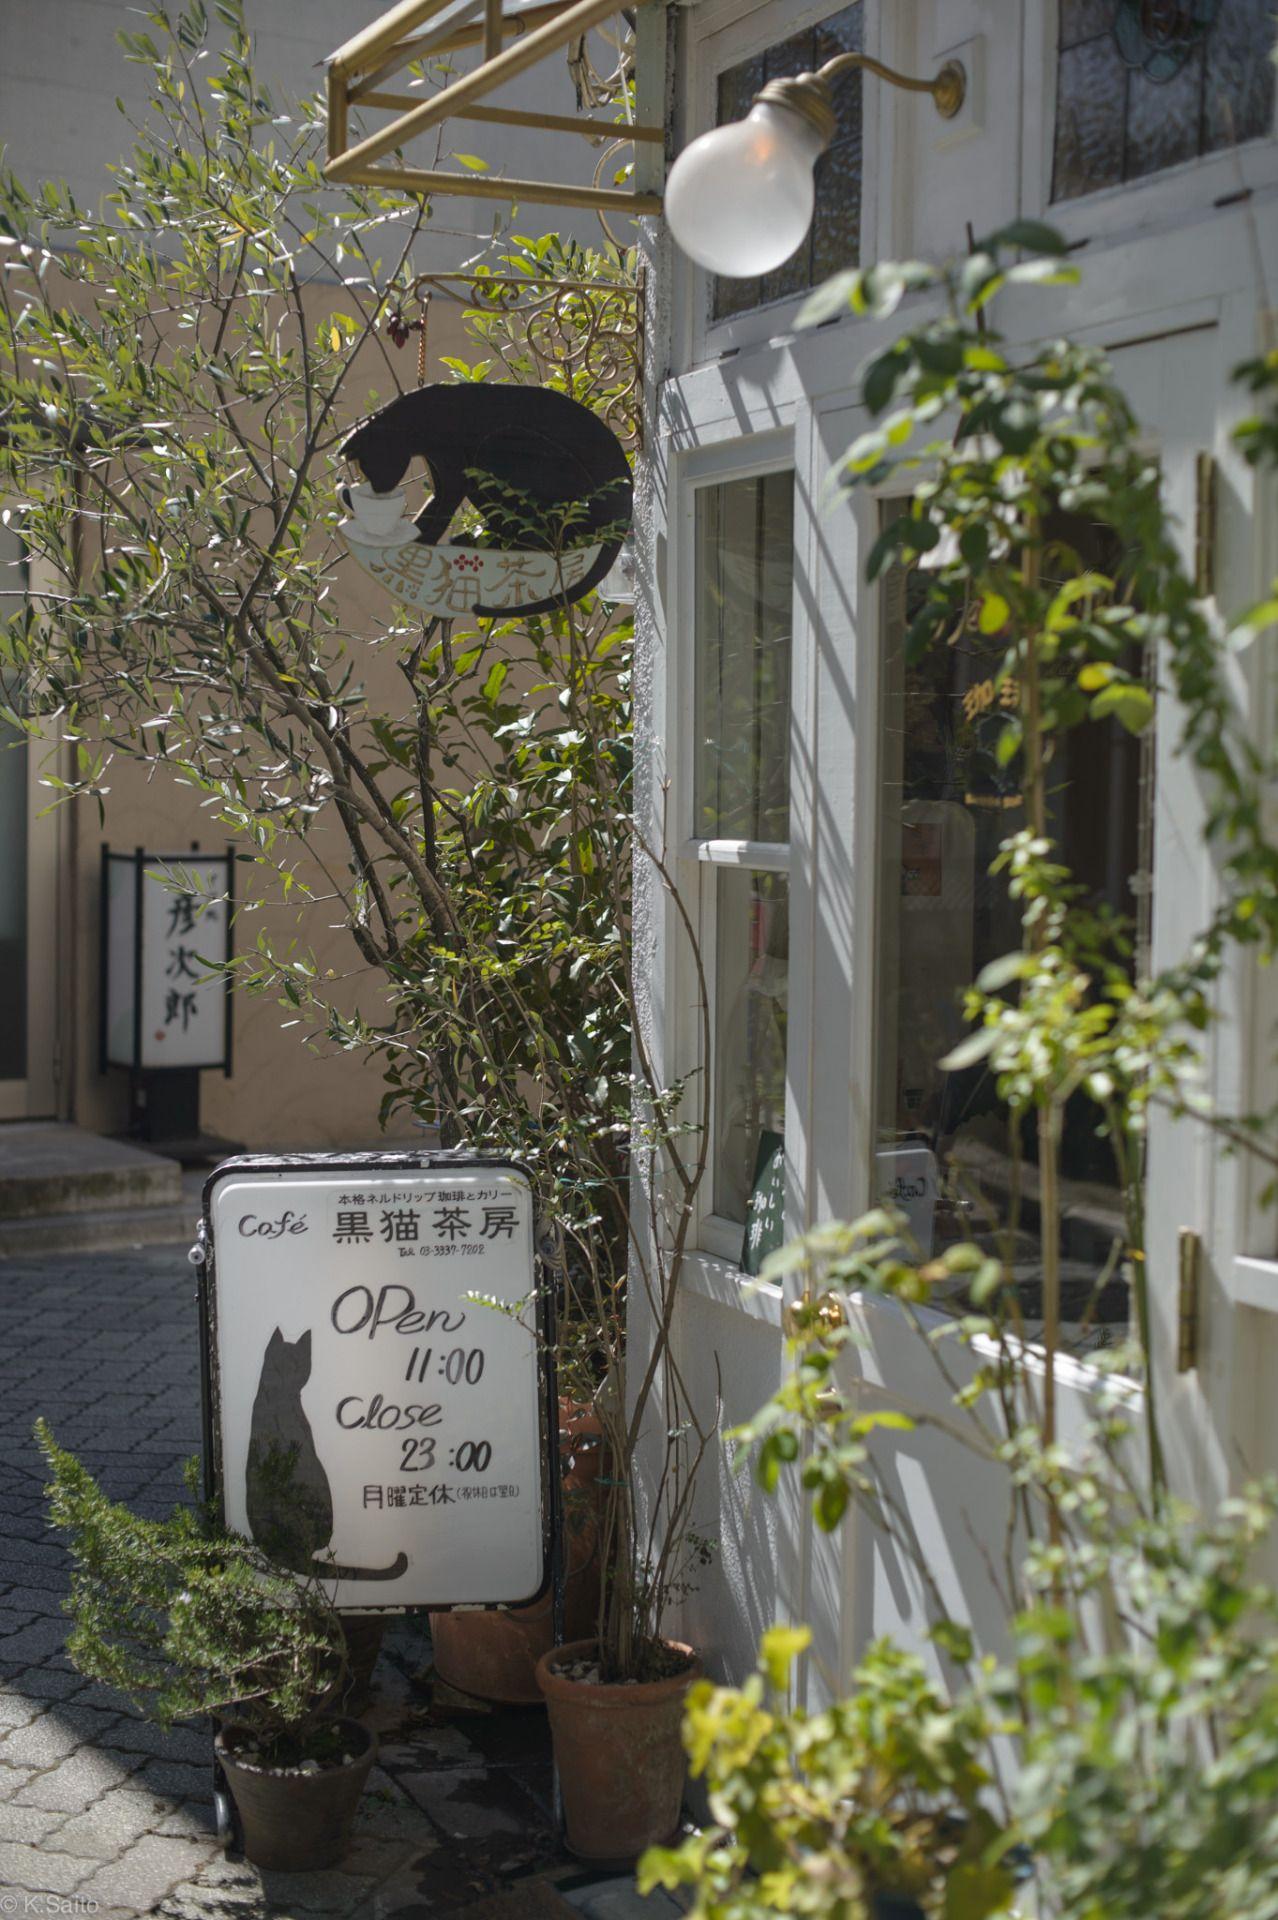 Café de chat noir by kazu saito 黒猫茶房 阿佐ヶ谷